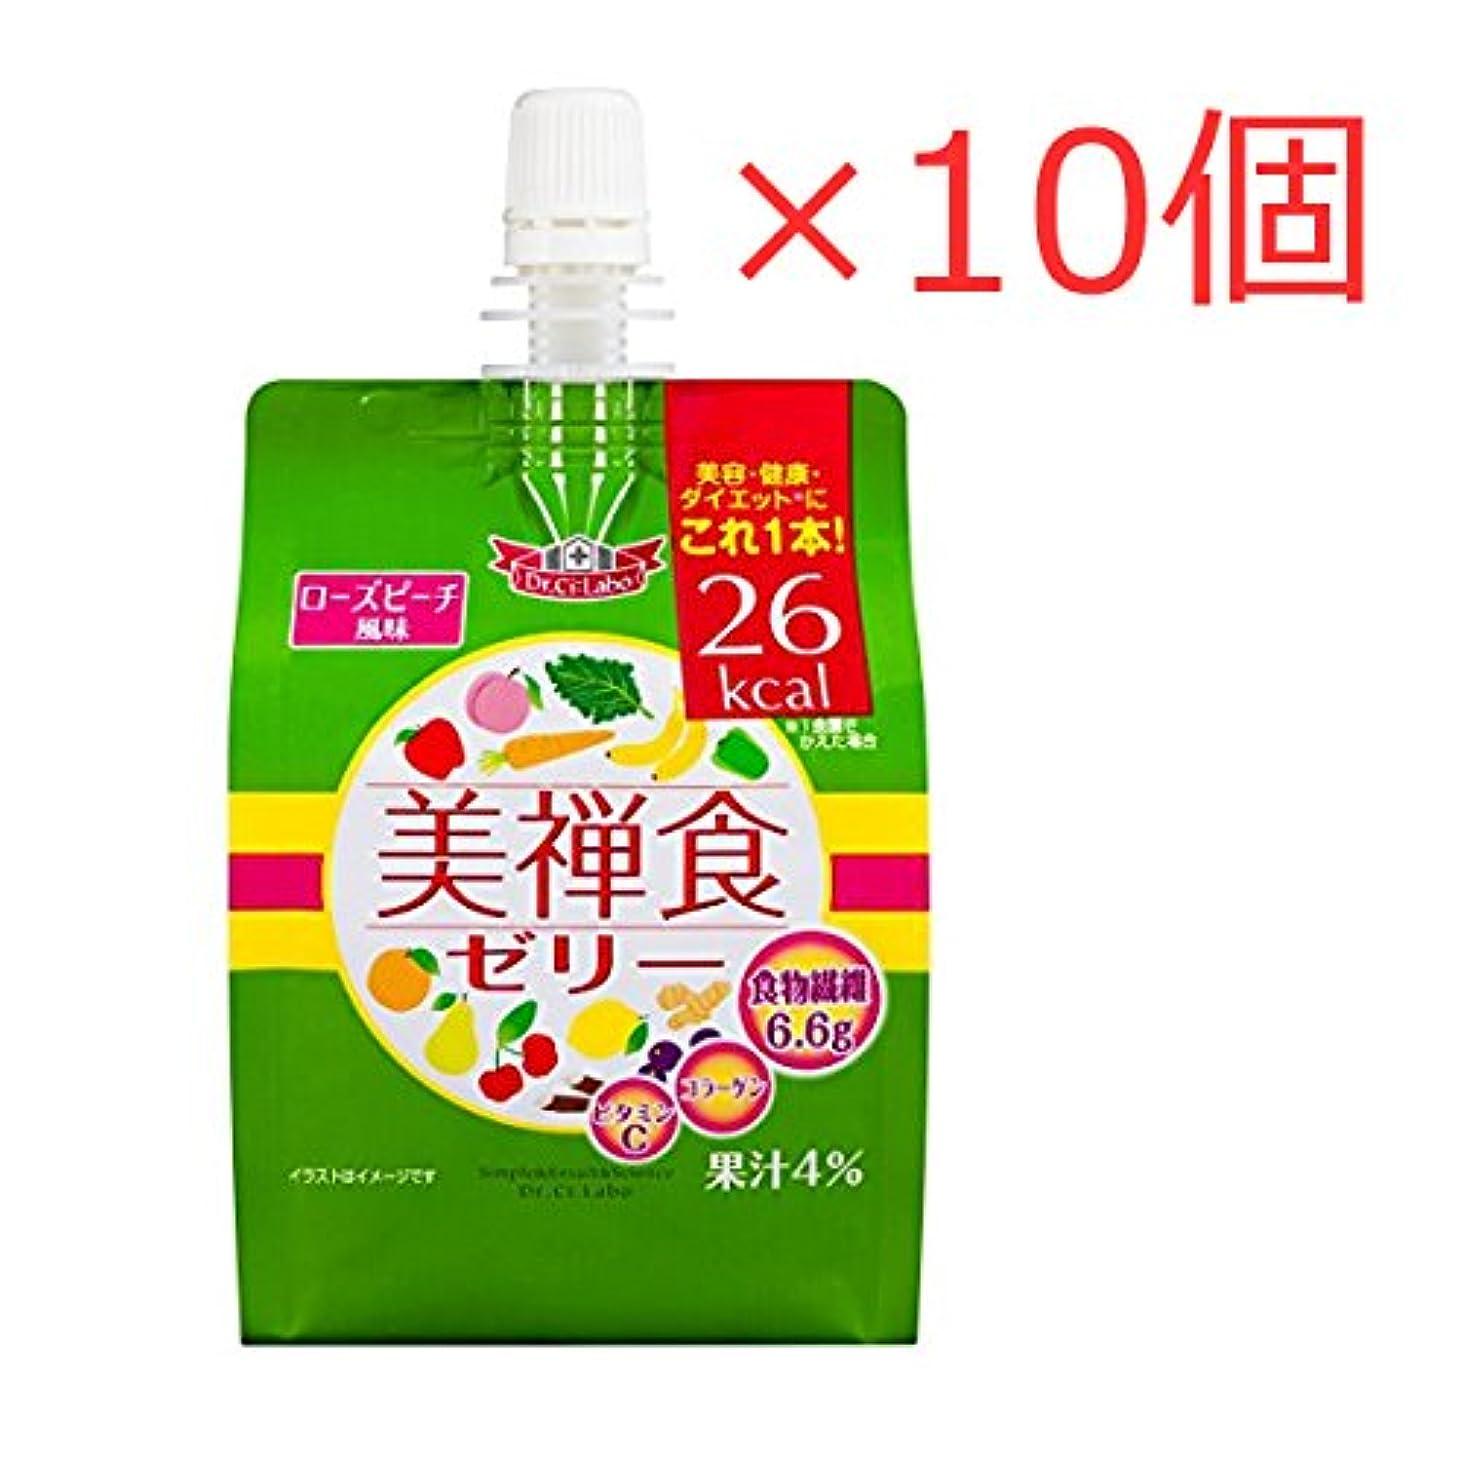 ナラーバー変える出撃者ドクターシーラボ 美禅食ゼリー (ローズピーチ風味) 200g×10個セット